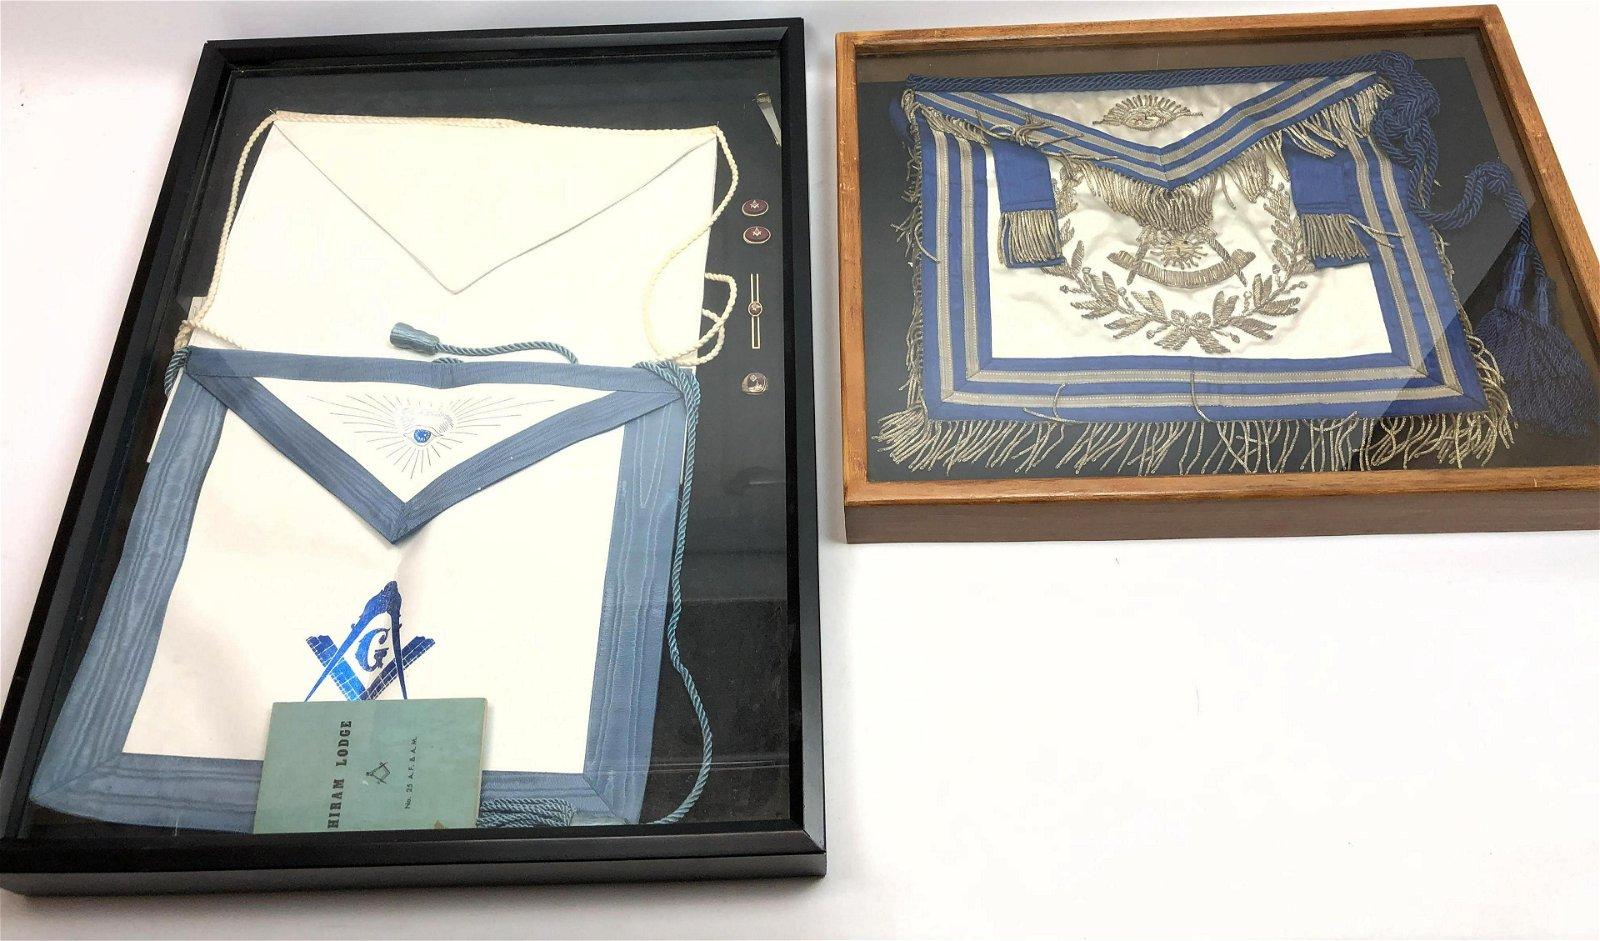 2pc Frame MASONIC Sashes Etc. 1) White satin sash with